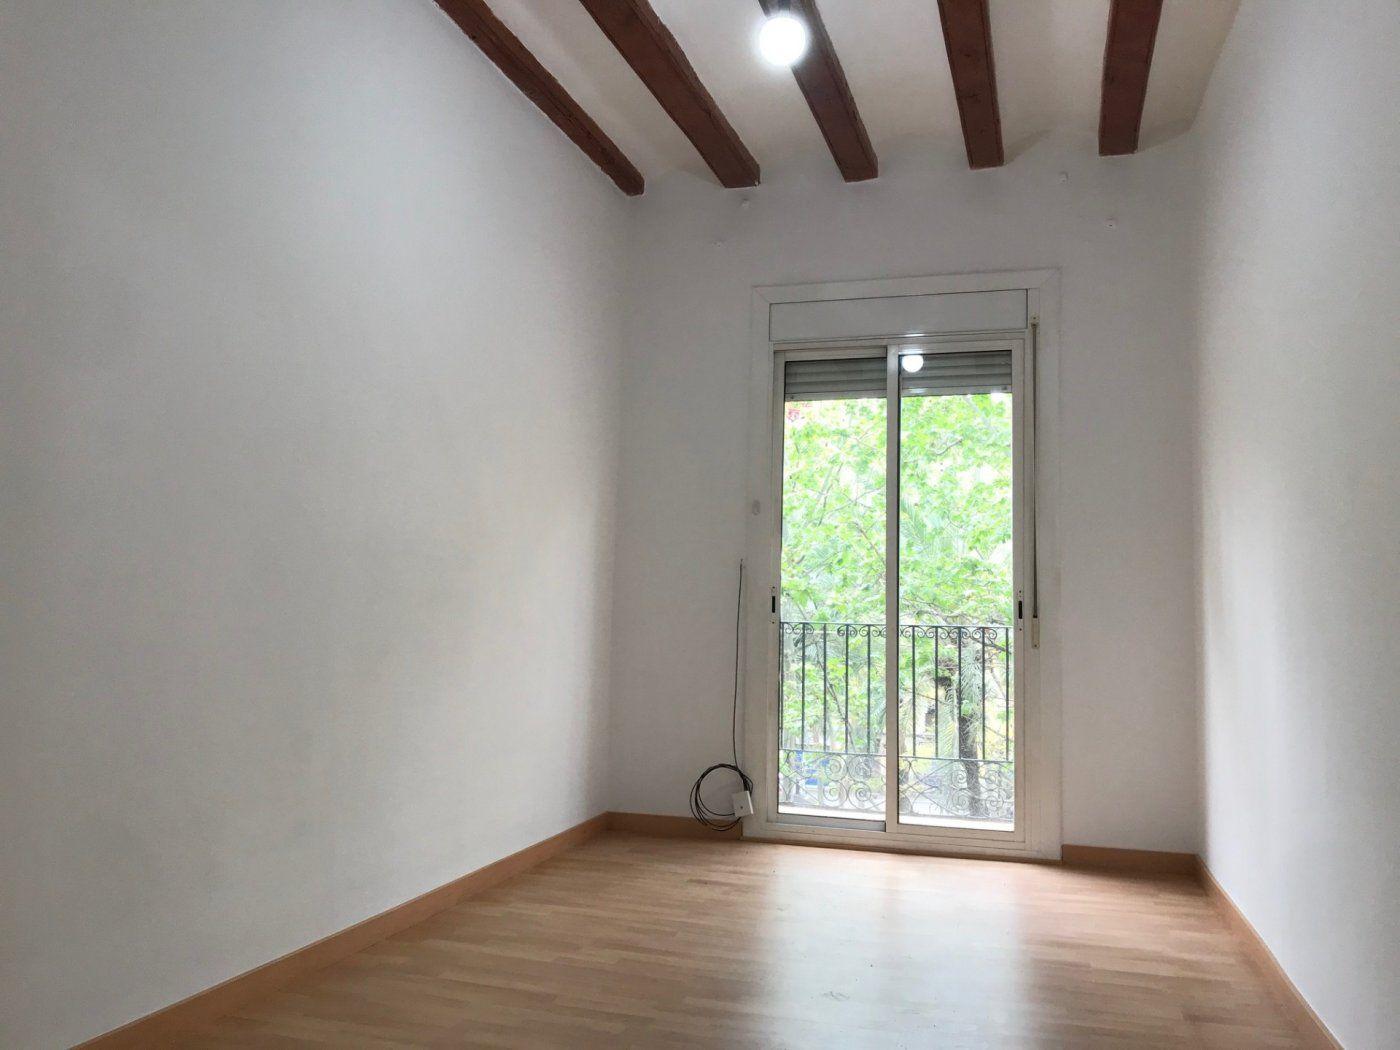 (Español) Precioso piso en Rambla raval SIN COMISIÓN DE AGENCIA